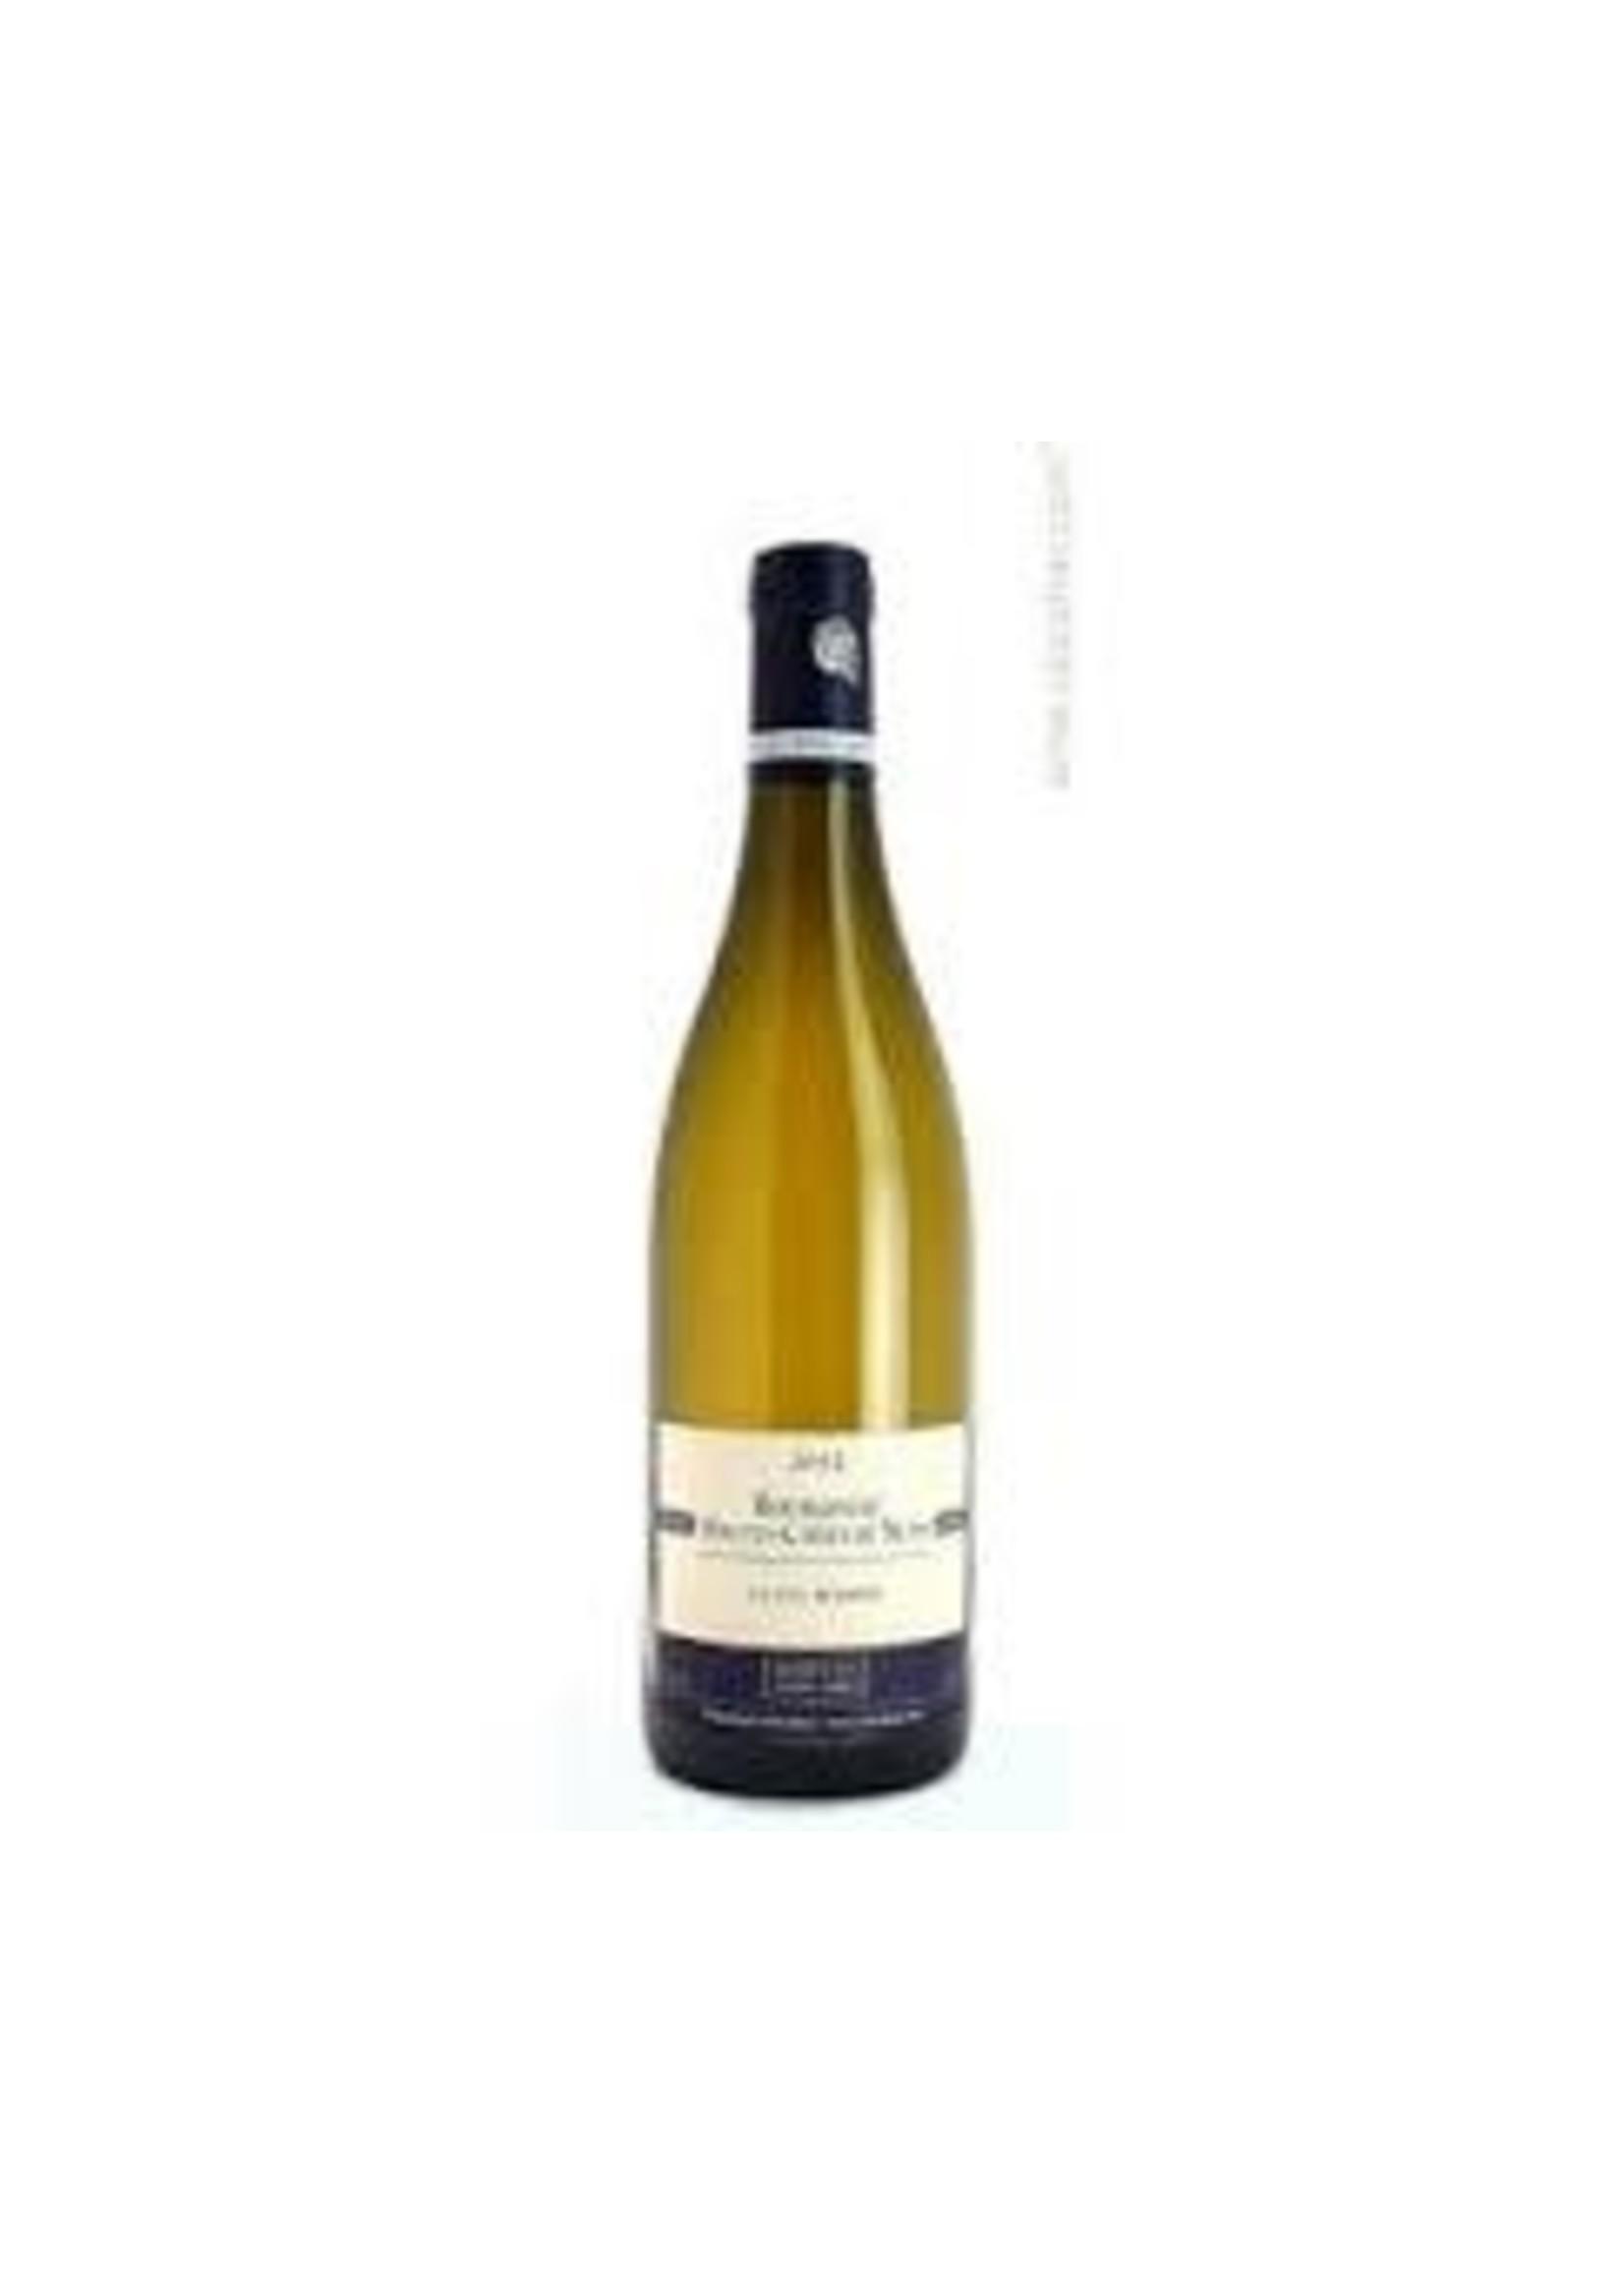 Anne Gros 2019 Bourgogne Blanc 750ml